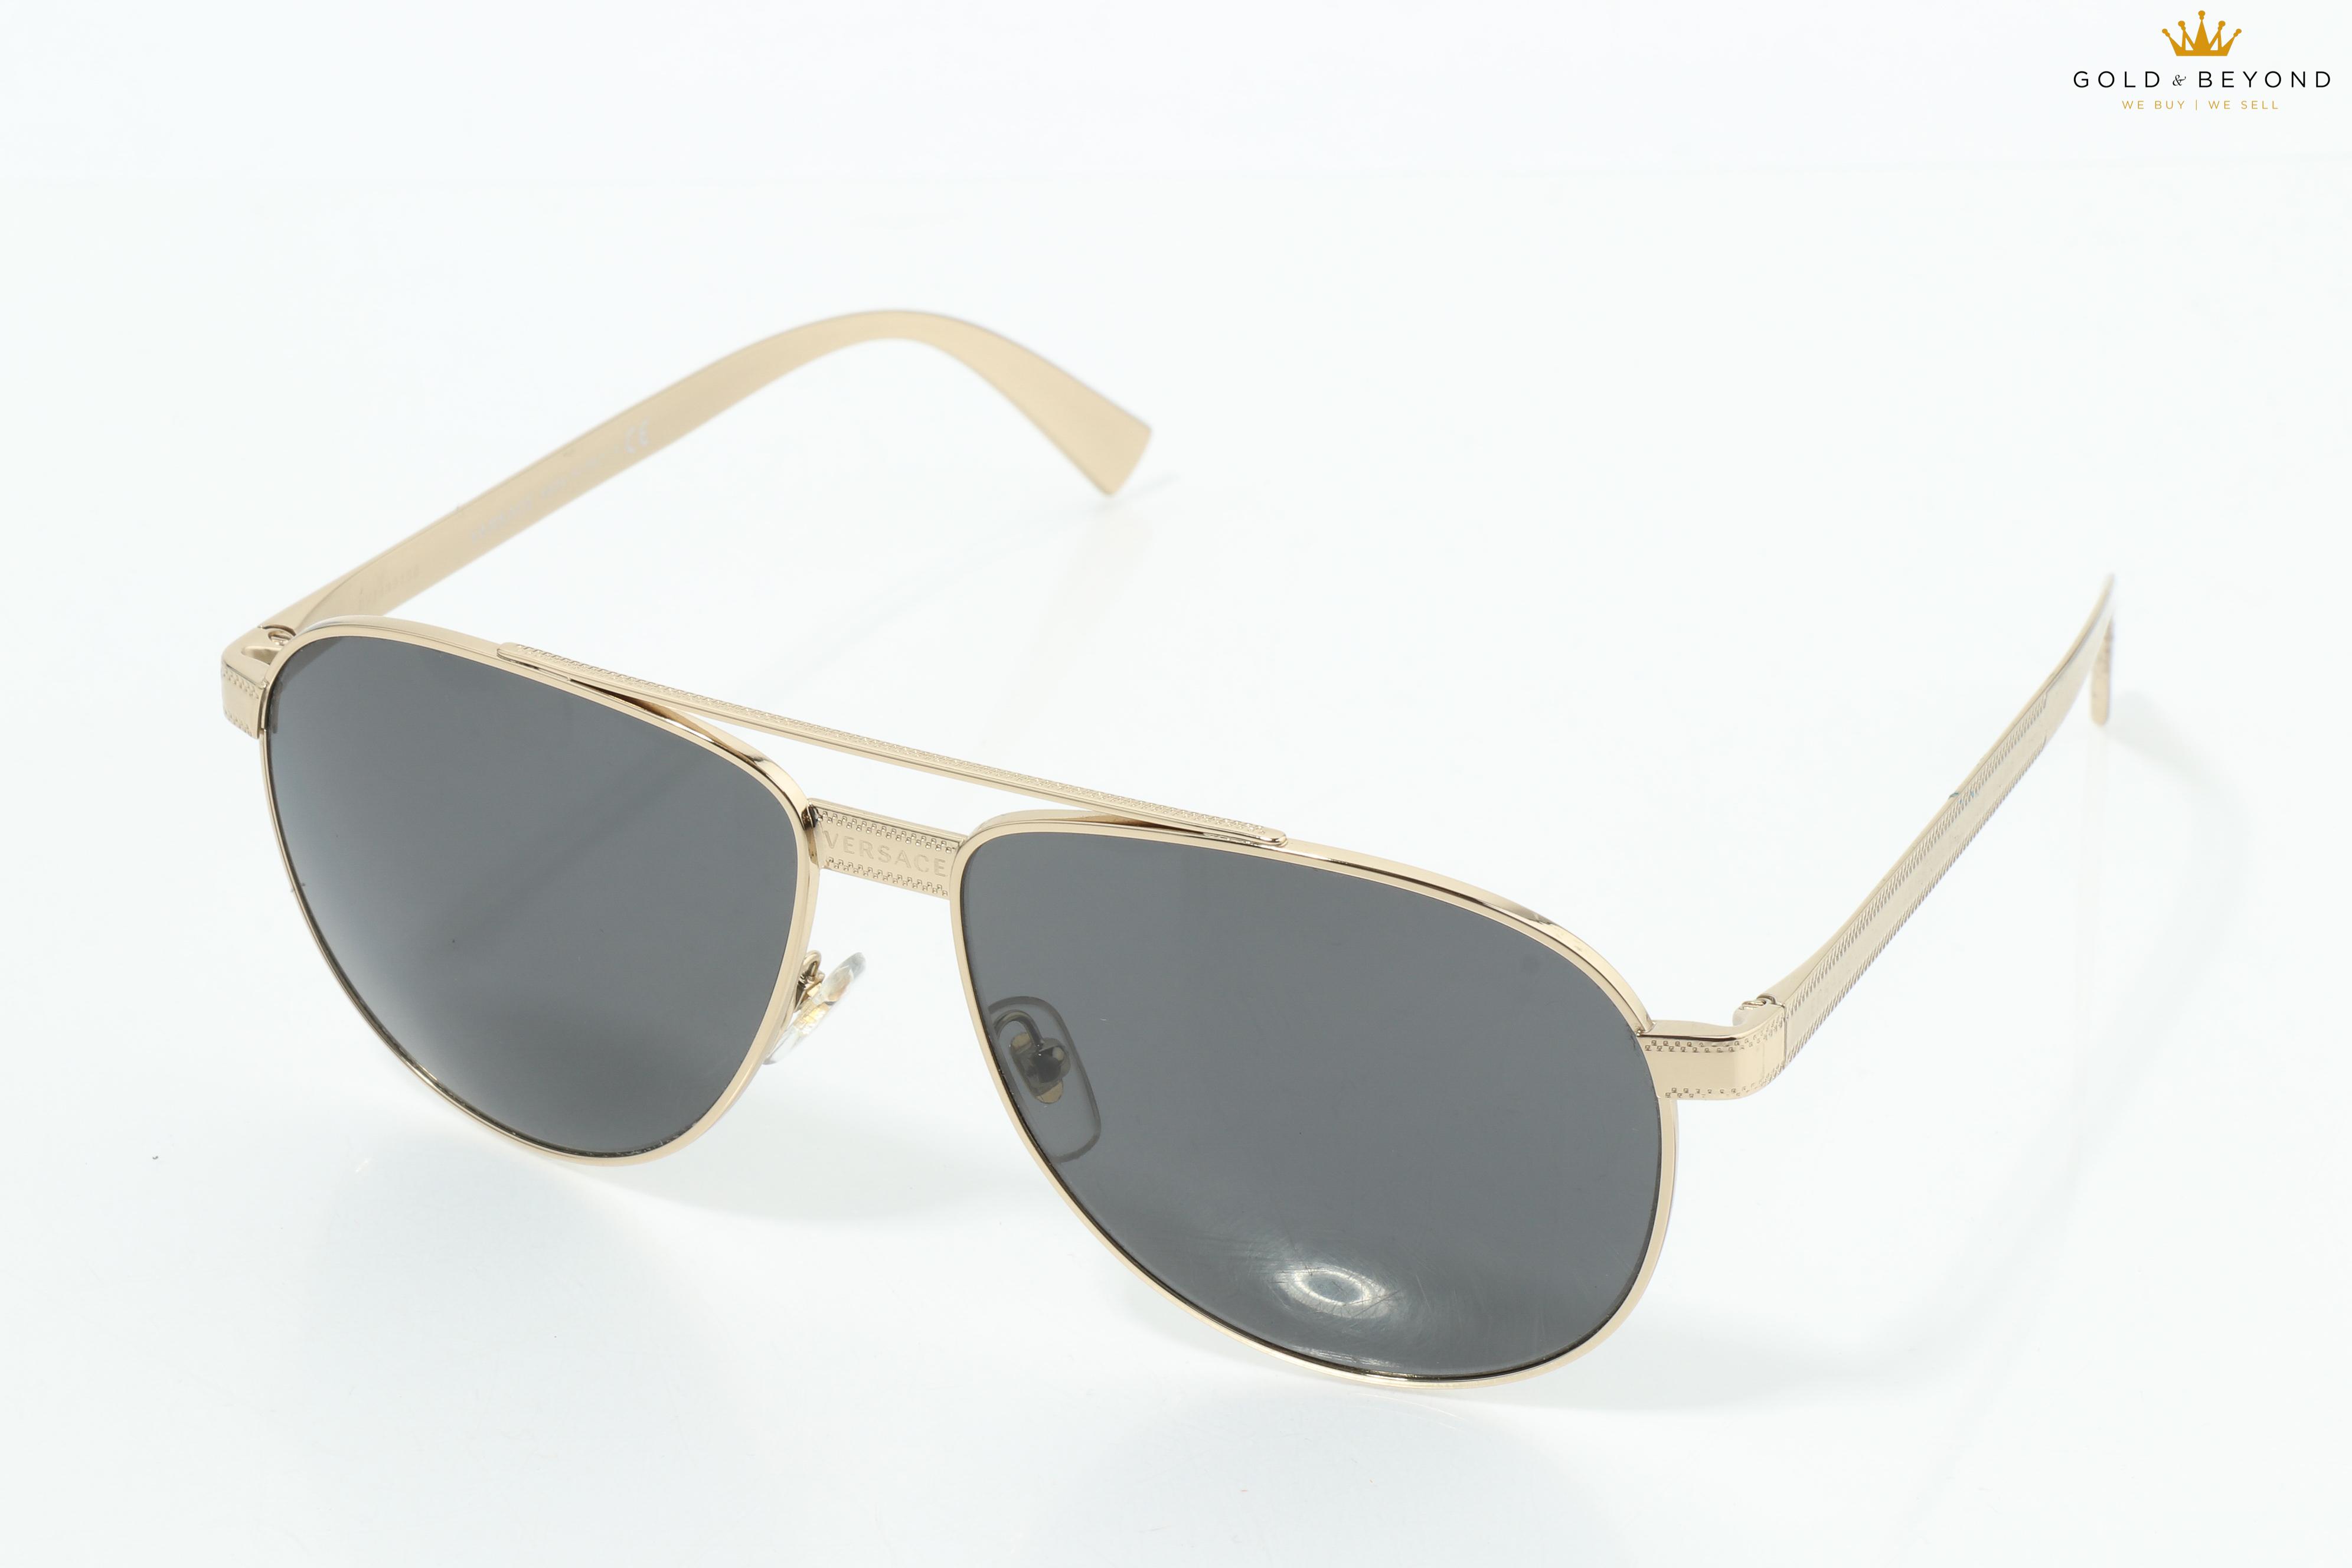 Grey Lens Authentic VERSACE Sunglasses VE 2160 1252//87 Pale Gold